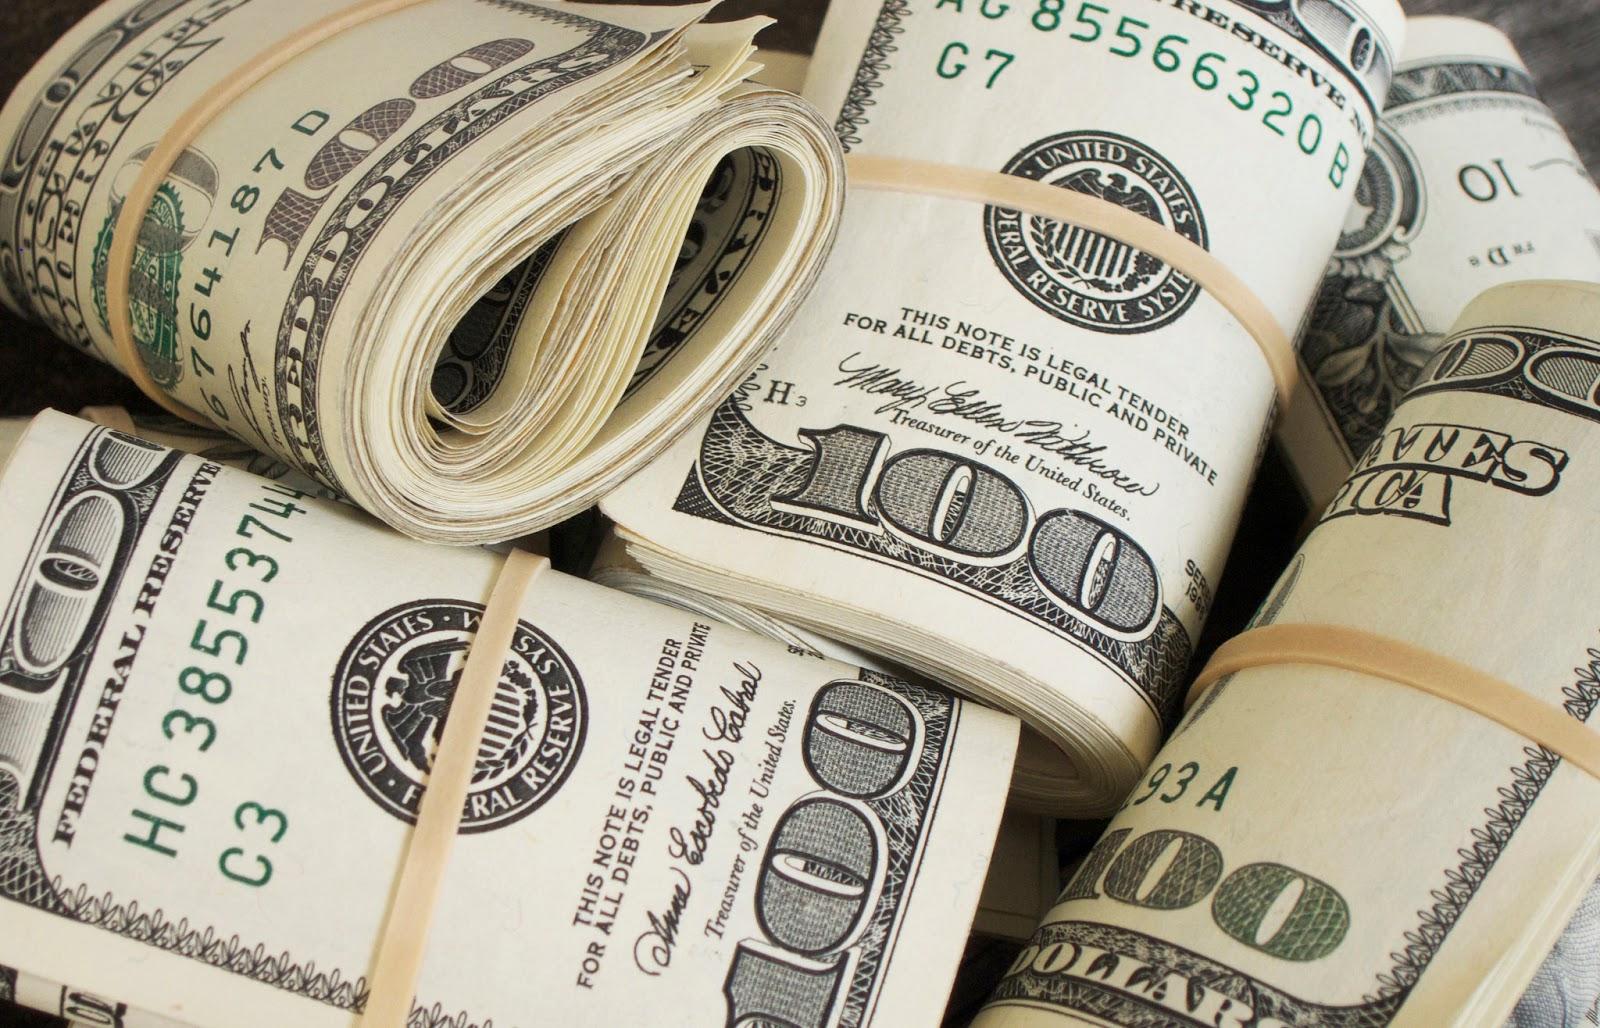 """مليار دولار من العملة المستقرة """"التيثر - USDT"""" تتداول في بينانس ... ماذا يعني ذلك ؟"""